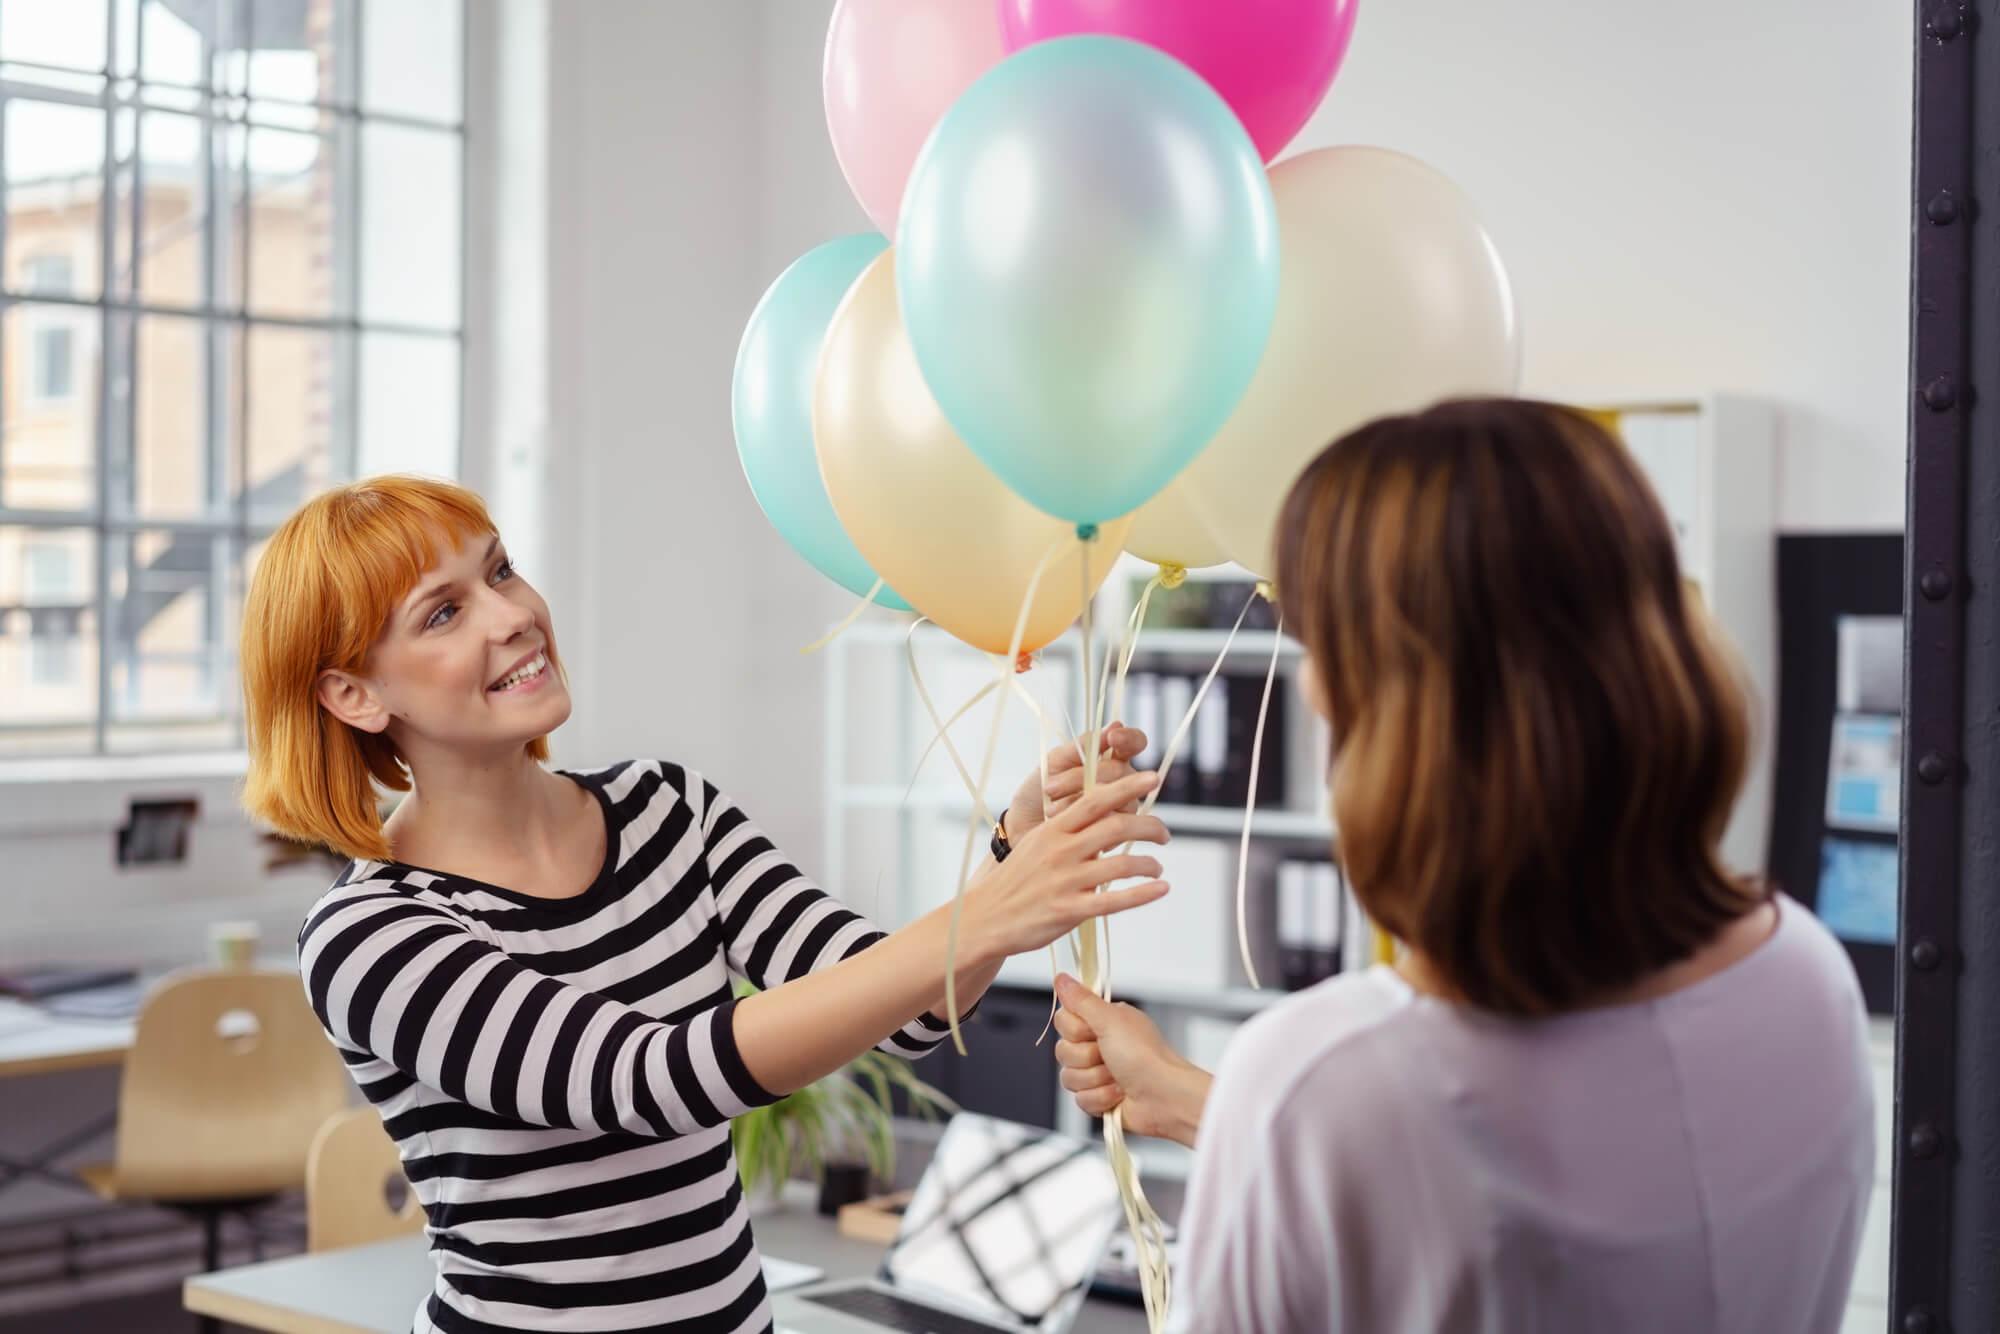 Warum Sie für Ihre Neueröffnung Luftballons mit Logo bedrucken sollen